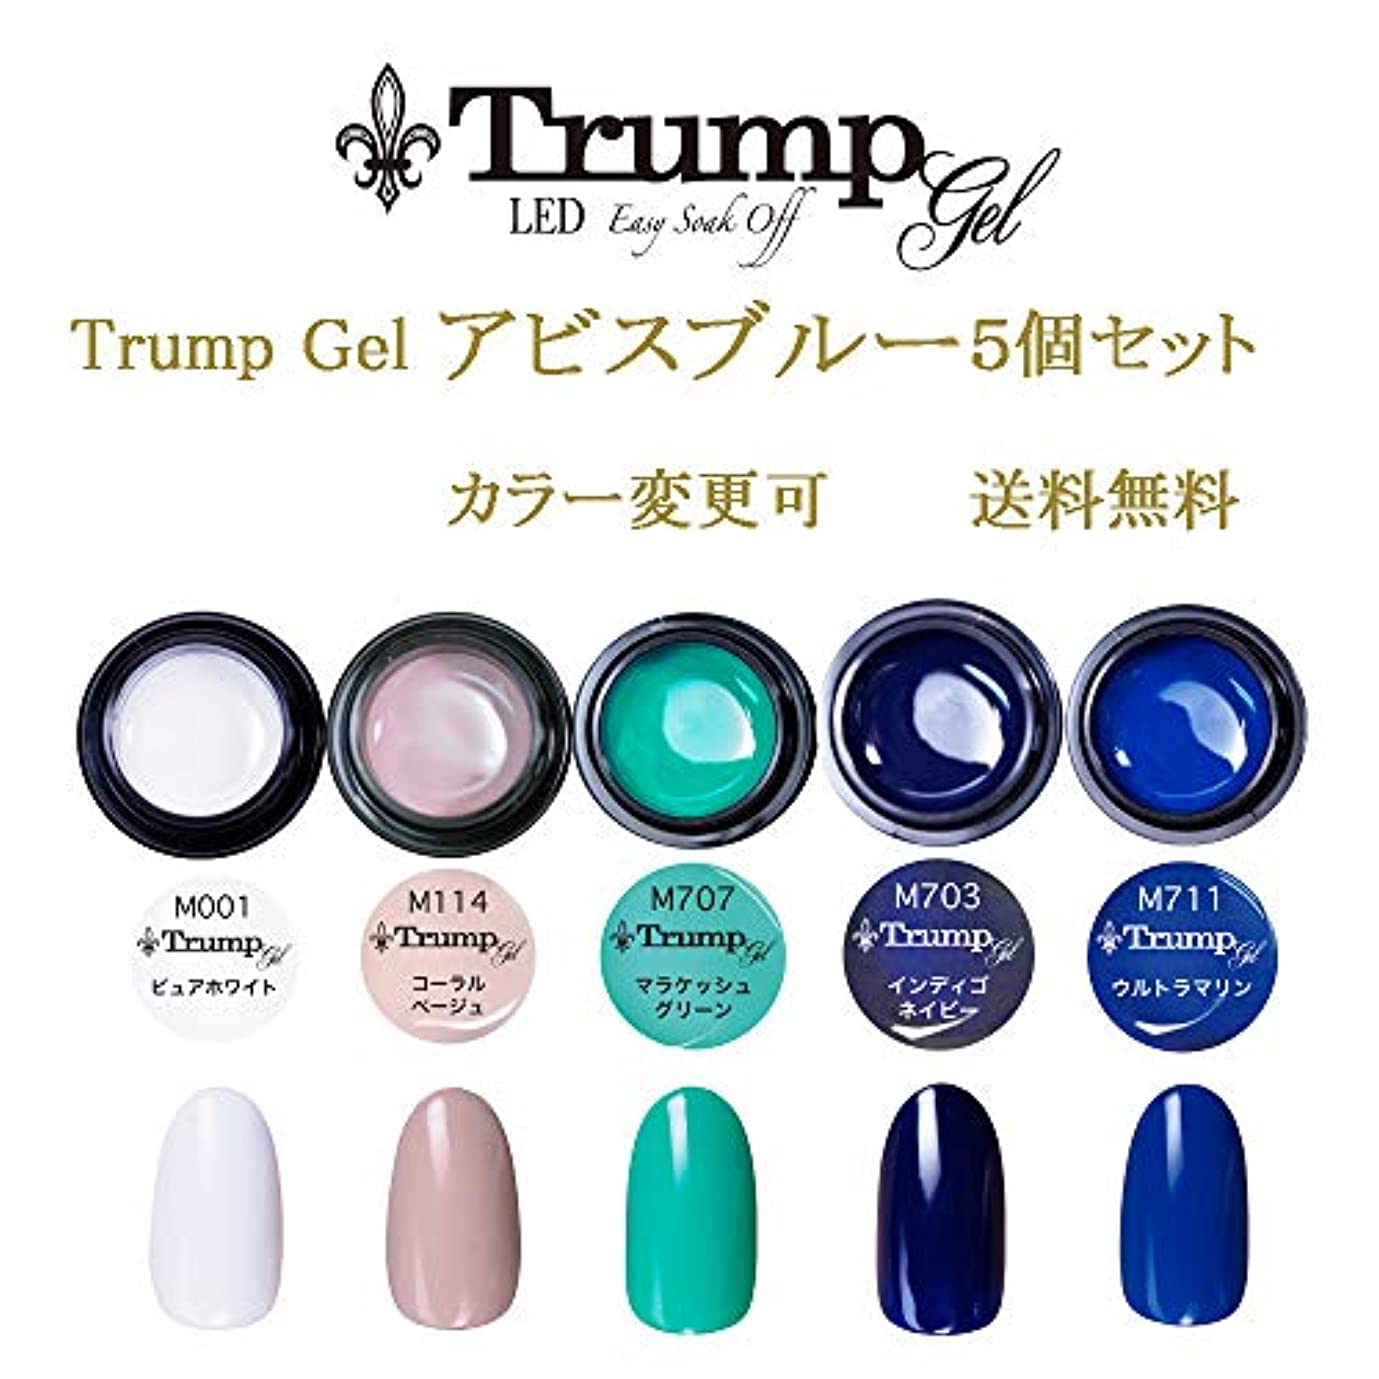 勘違いするエリート二度日本製 Trump gel トランプジェル アビスブルーカラー 選べる カラージェル 5個セット ブルー ベージュ ターコイズ